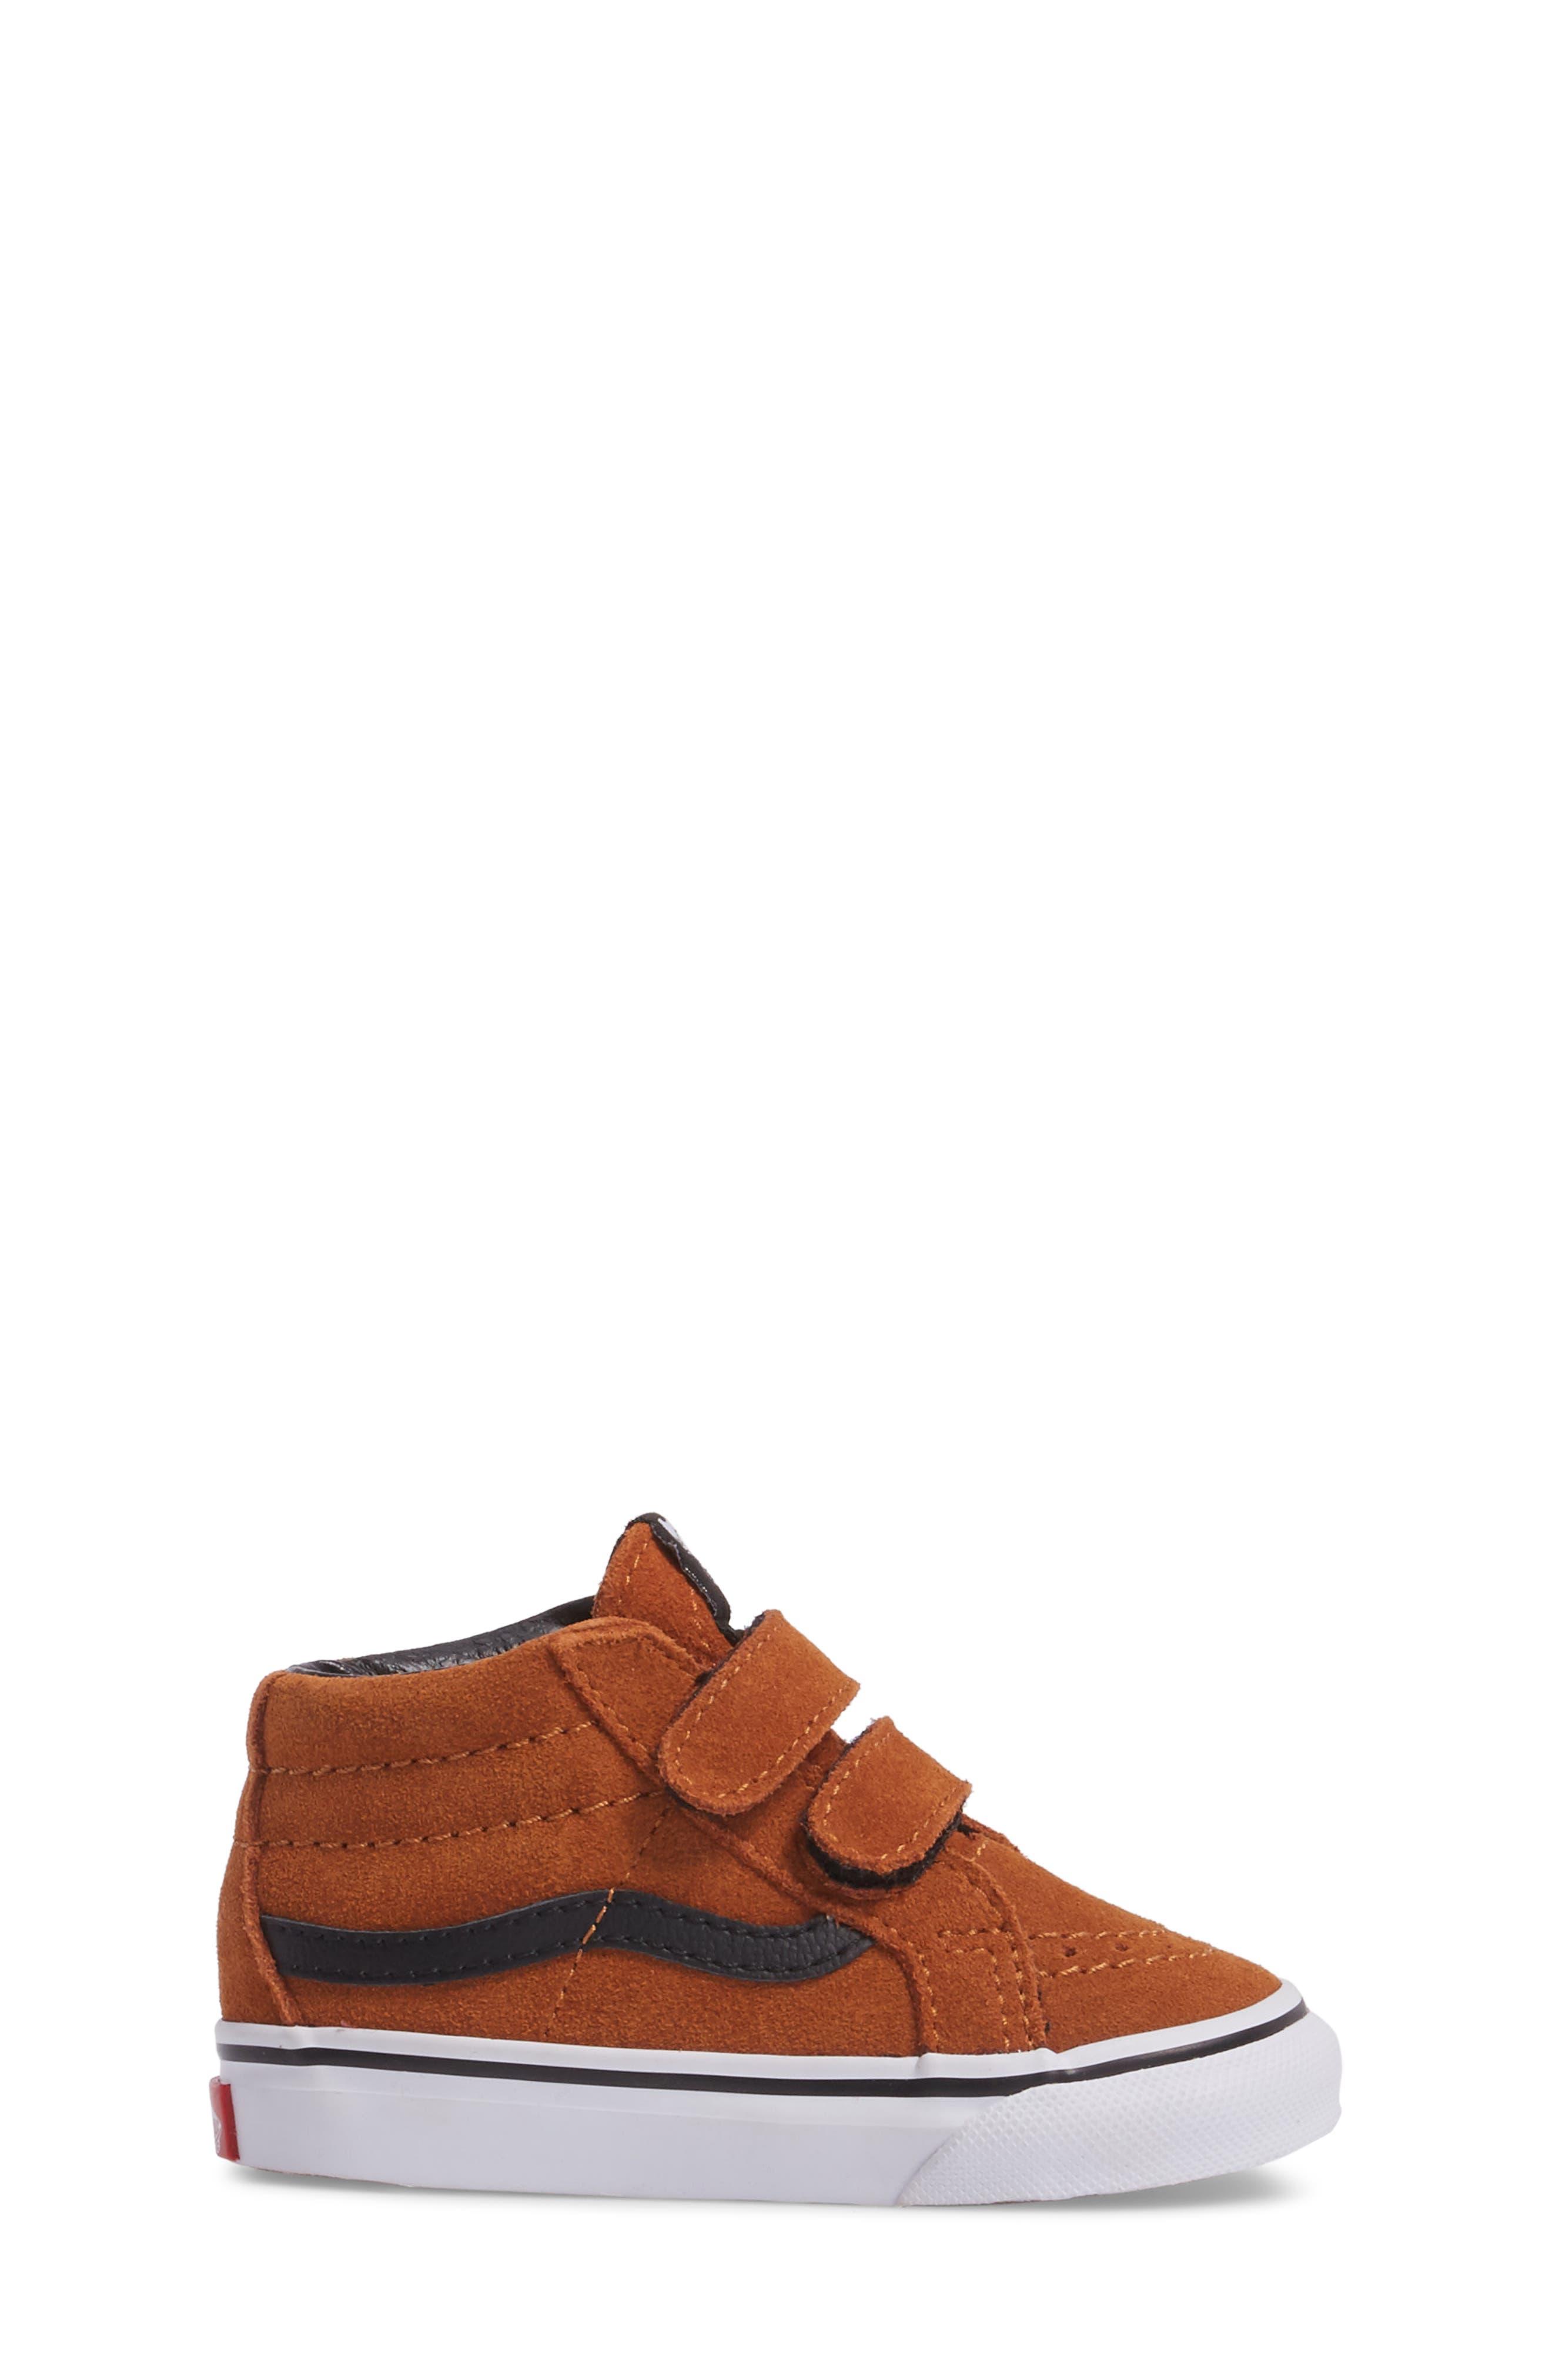 SK8-Mid Reissue Sneaker,                             Alternate thumbnail 3, color,                             200